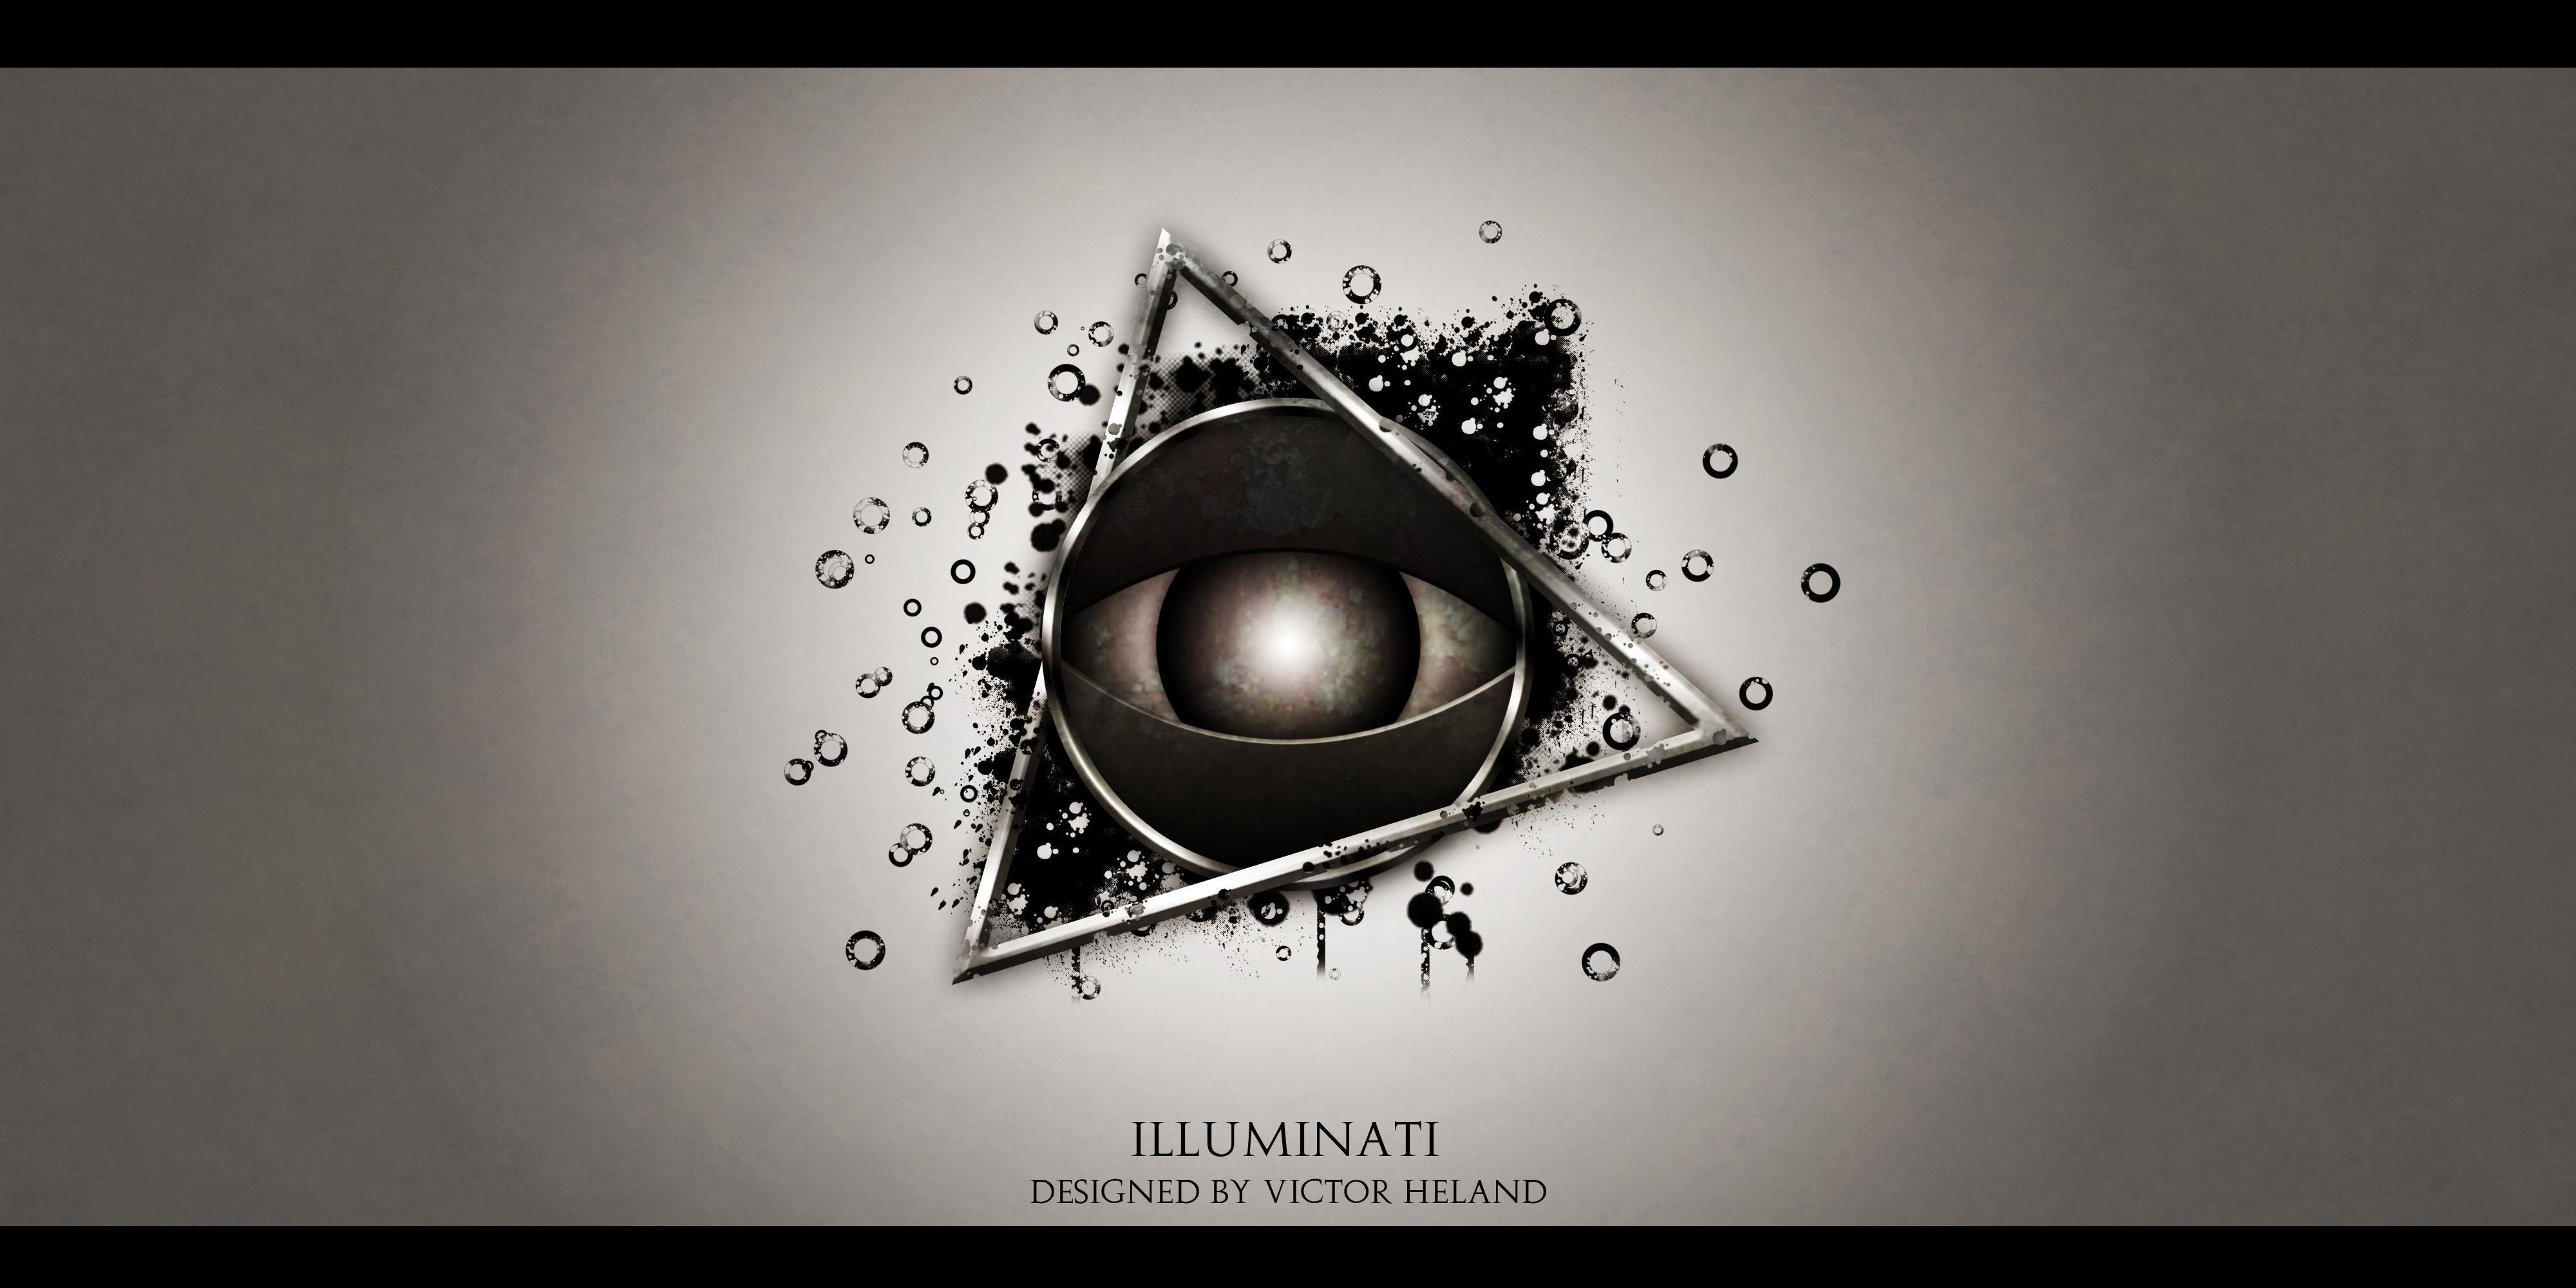 Illuminati wallpaper tumblr pesquisa google rpg steampunk illuminati wallpaper tumblr pesquisa google voltagebd Gallery